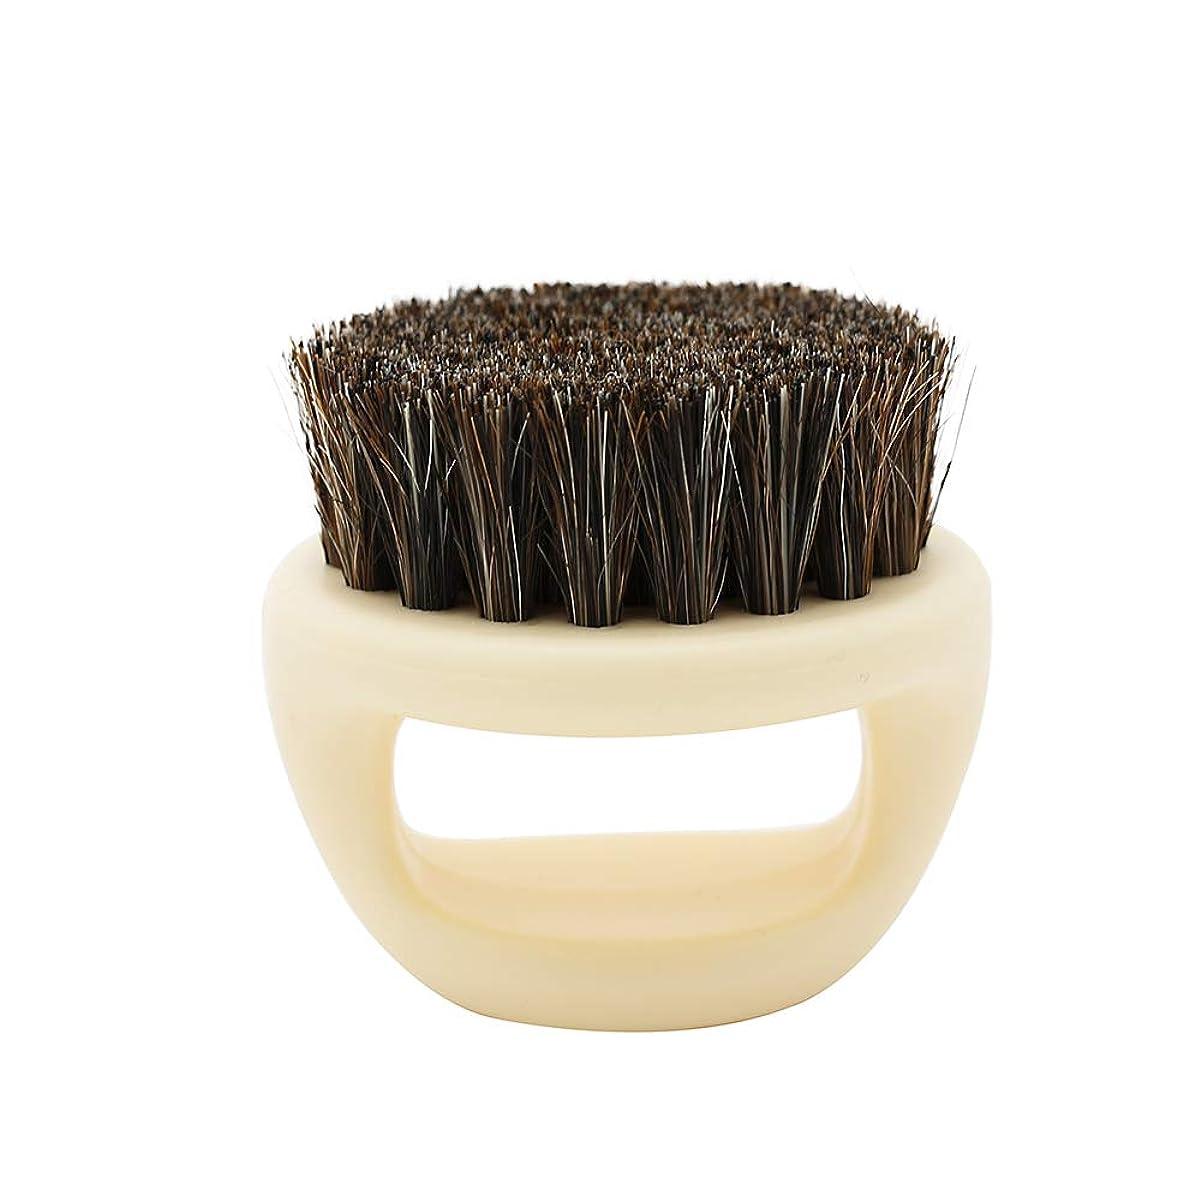 夢中反対はちみつRETYLY 1個リングデザイン馬毛メンズシェービングブラシプラスチック製の可搬式理容ひげブラシサロンフェイスクリーニングかみそりブラシ(ホワイト)